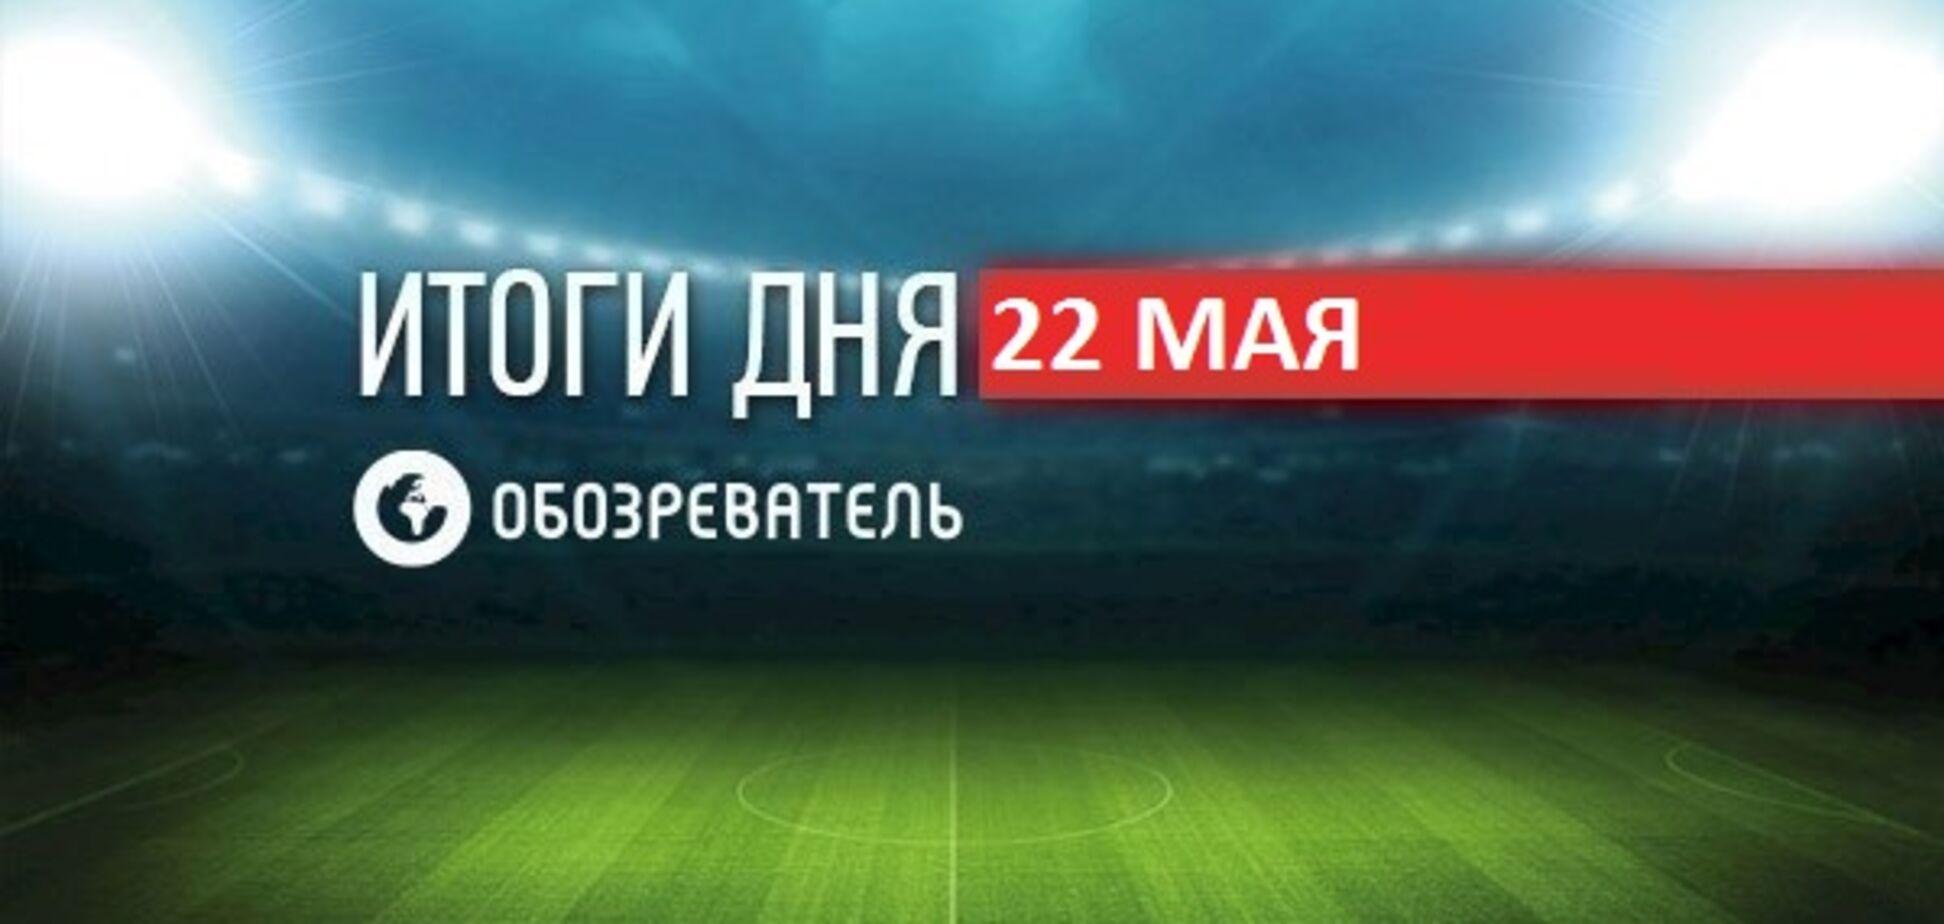 В украинском футболе возник грандиозный скандал с договорными матчами: спортивные итоги 22 мая